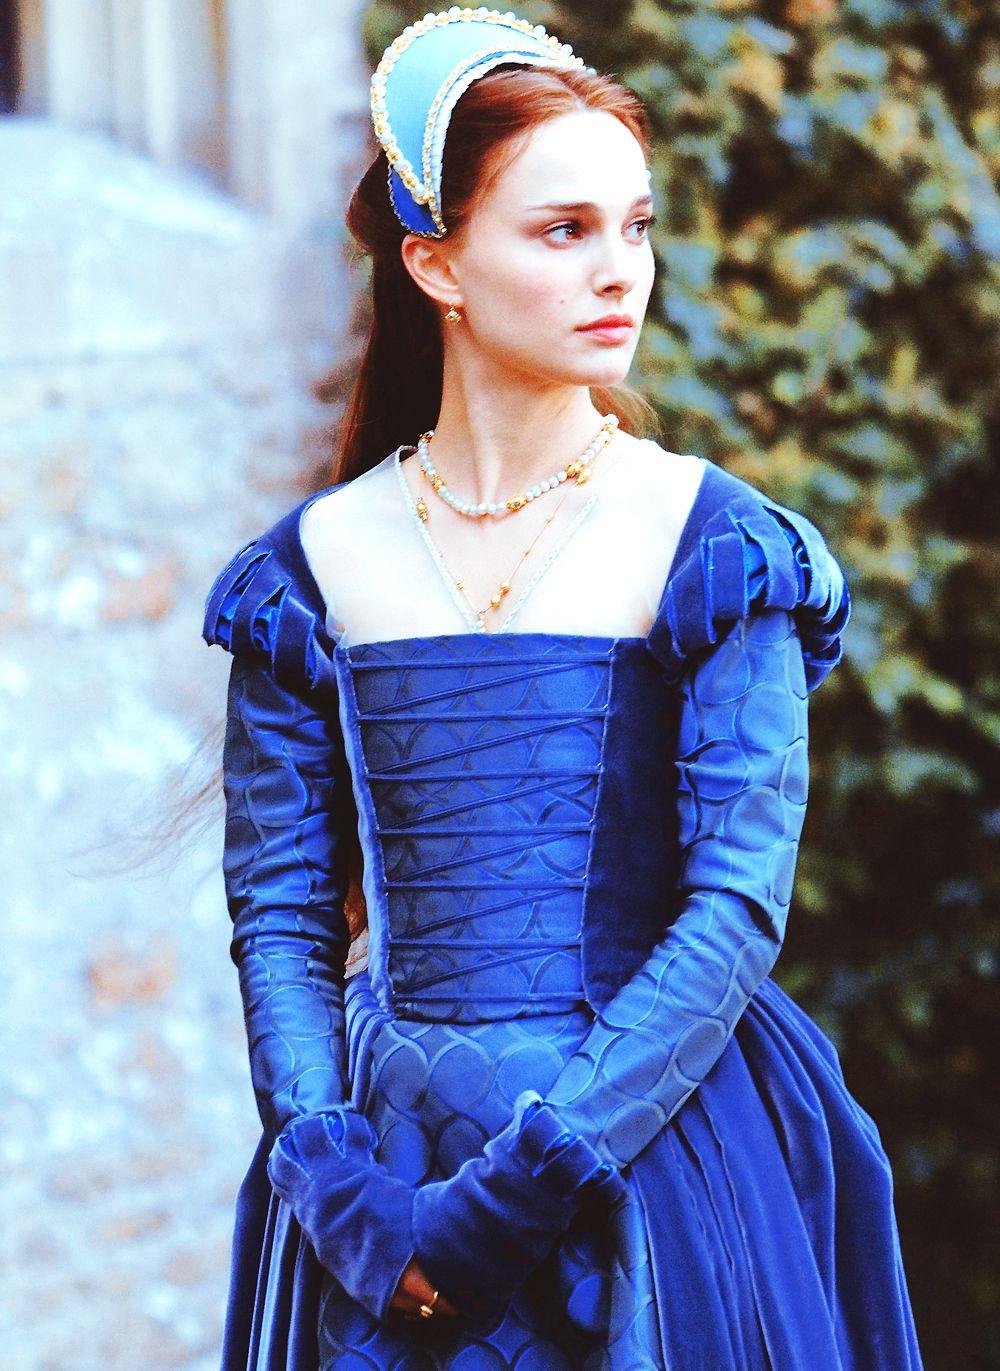 Pin di Samantha Harding su The other Boleyn girl   The ...